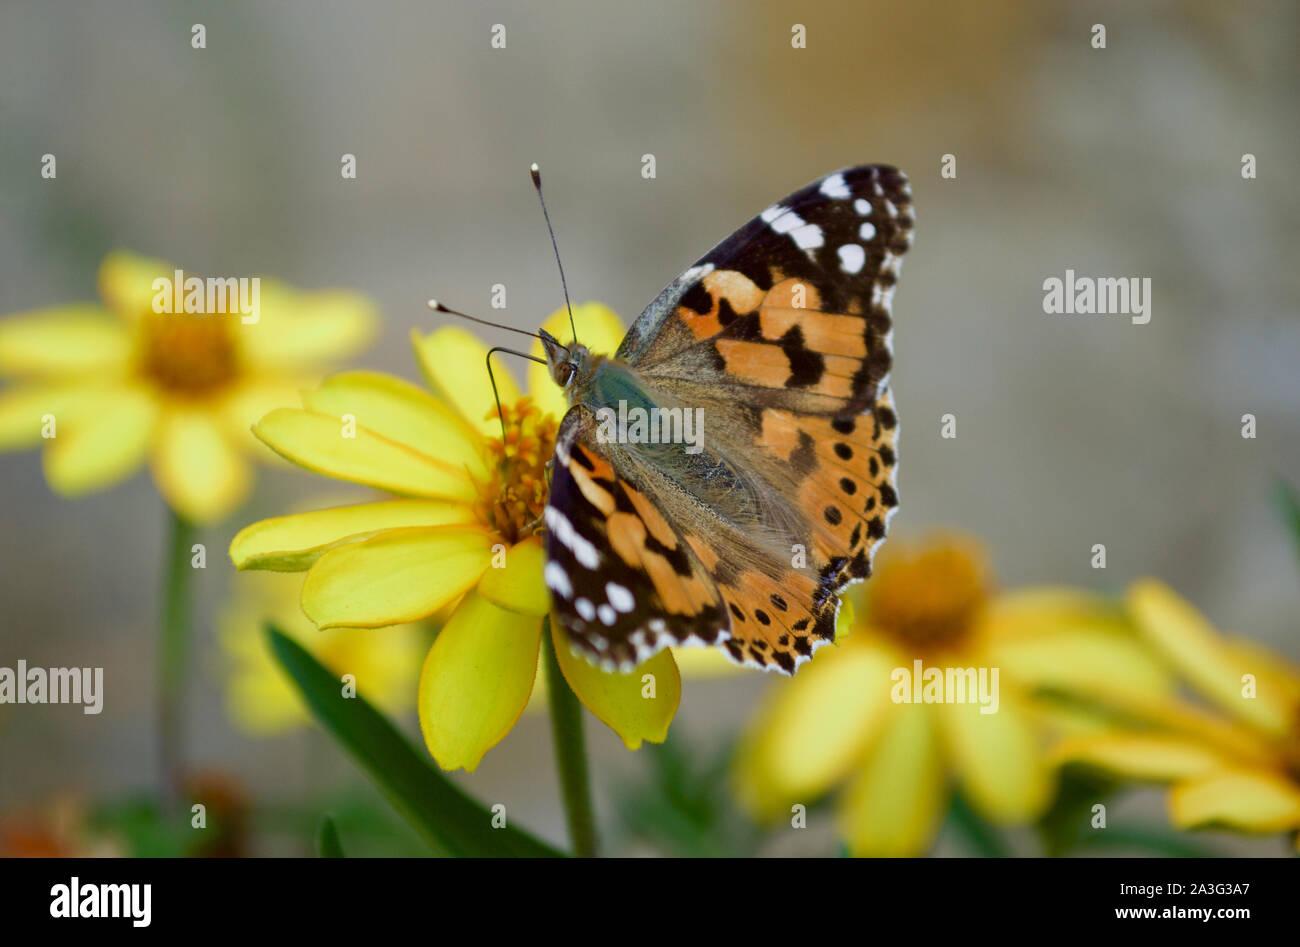 Un papillon belle dame buvant nectar d'une fleur Banque D'Images